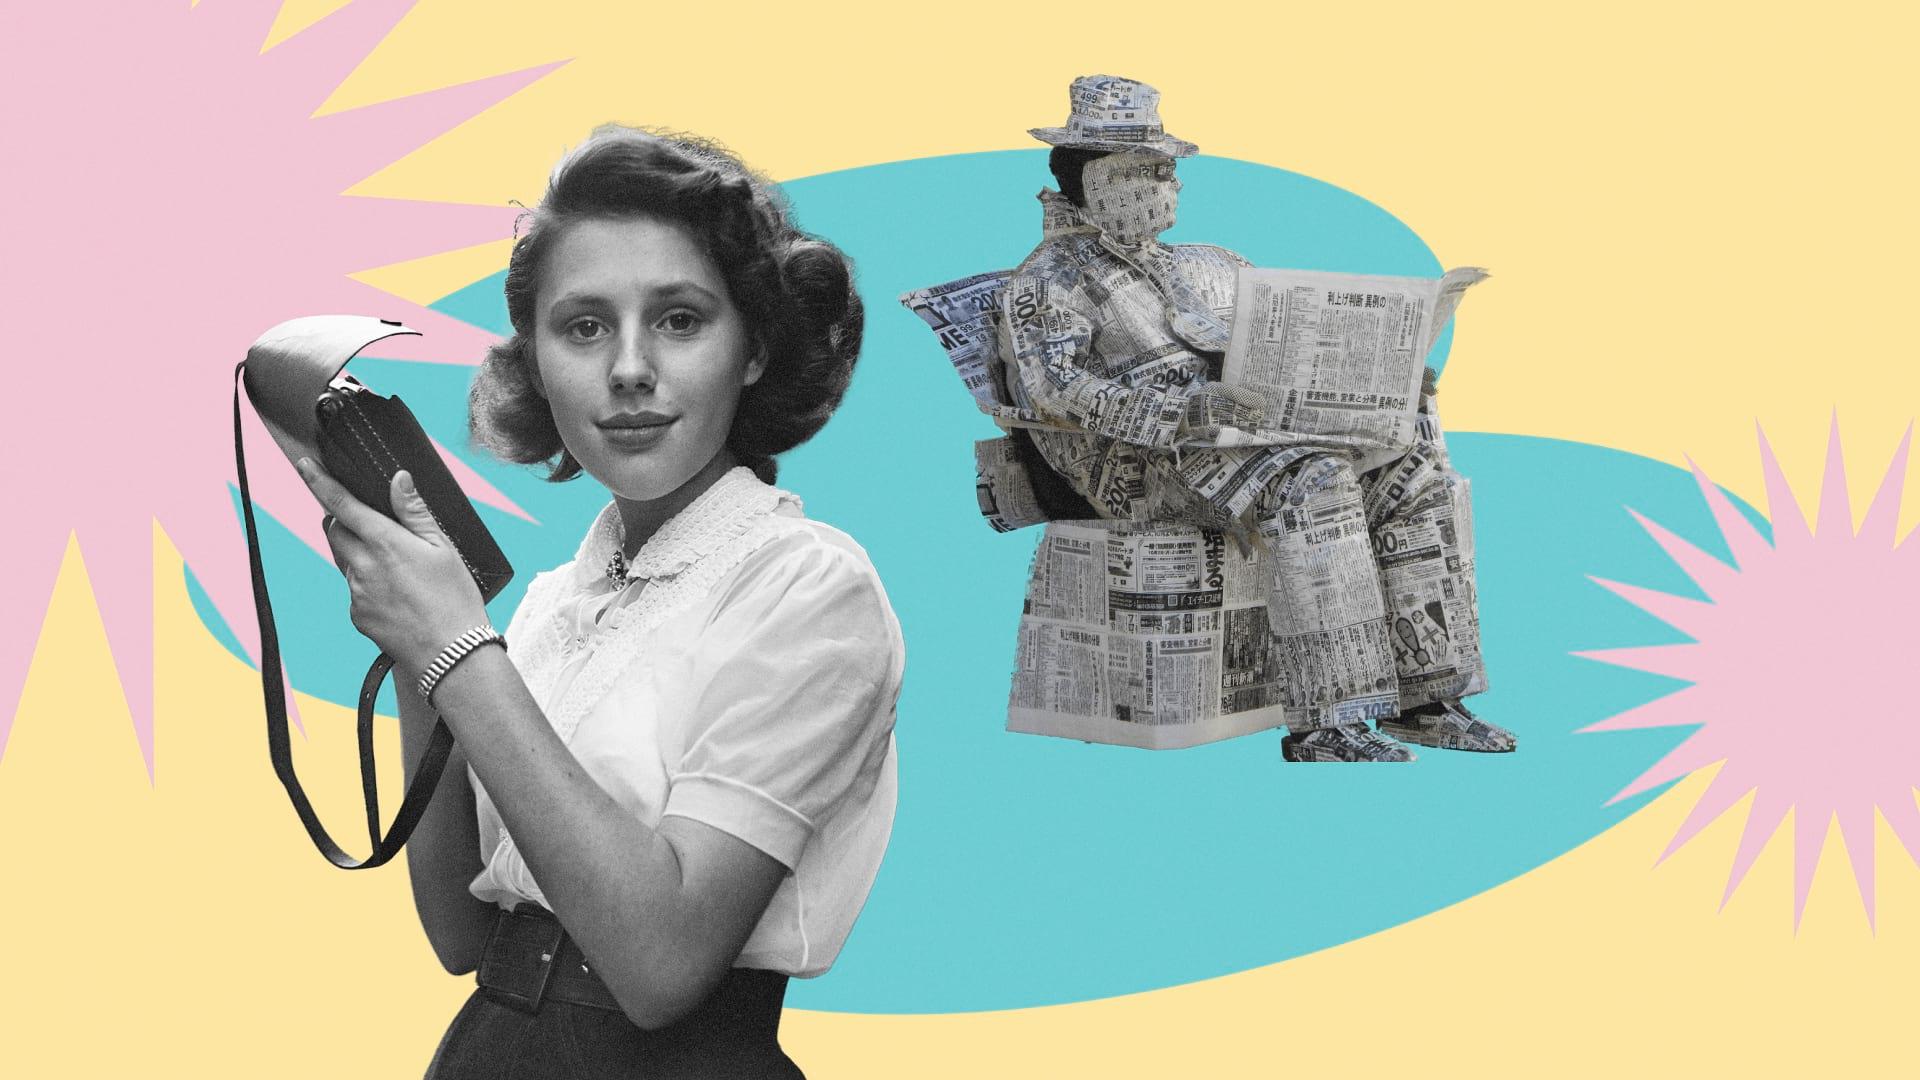 Как компании получить бесплатные публикации в СМИ?